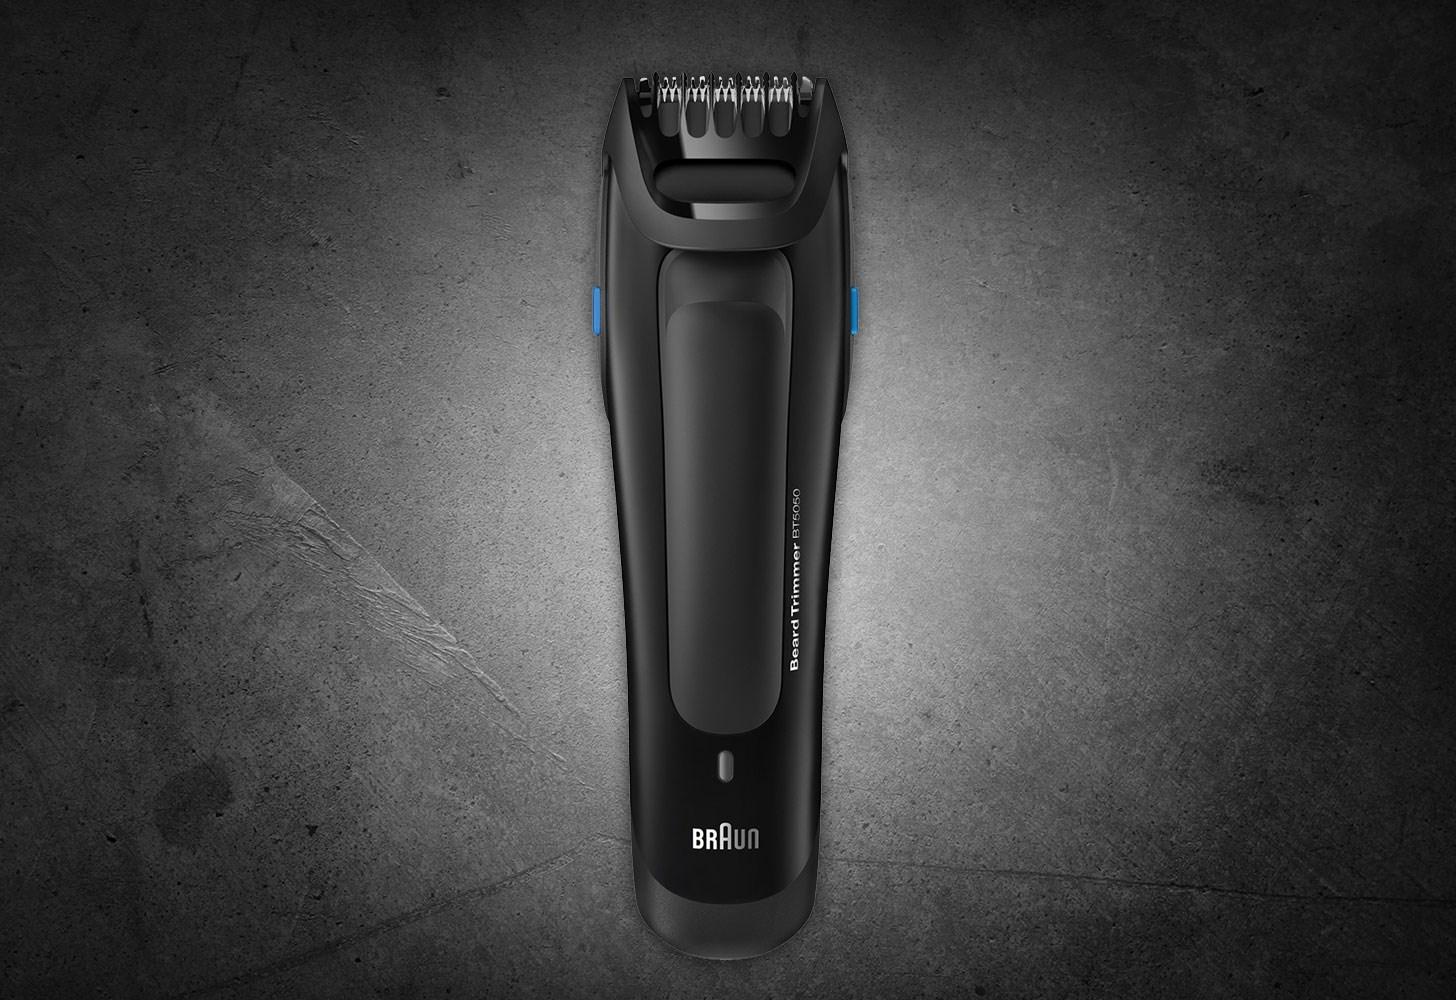 Braun rakapparat och trimmers - NetOnNet 97cc0751352c4